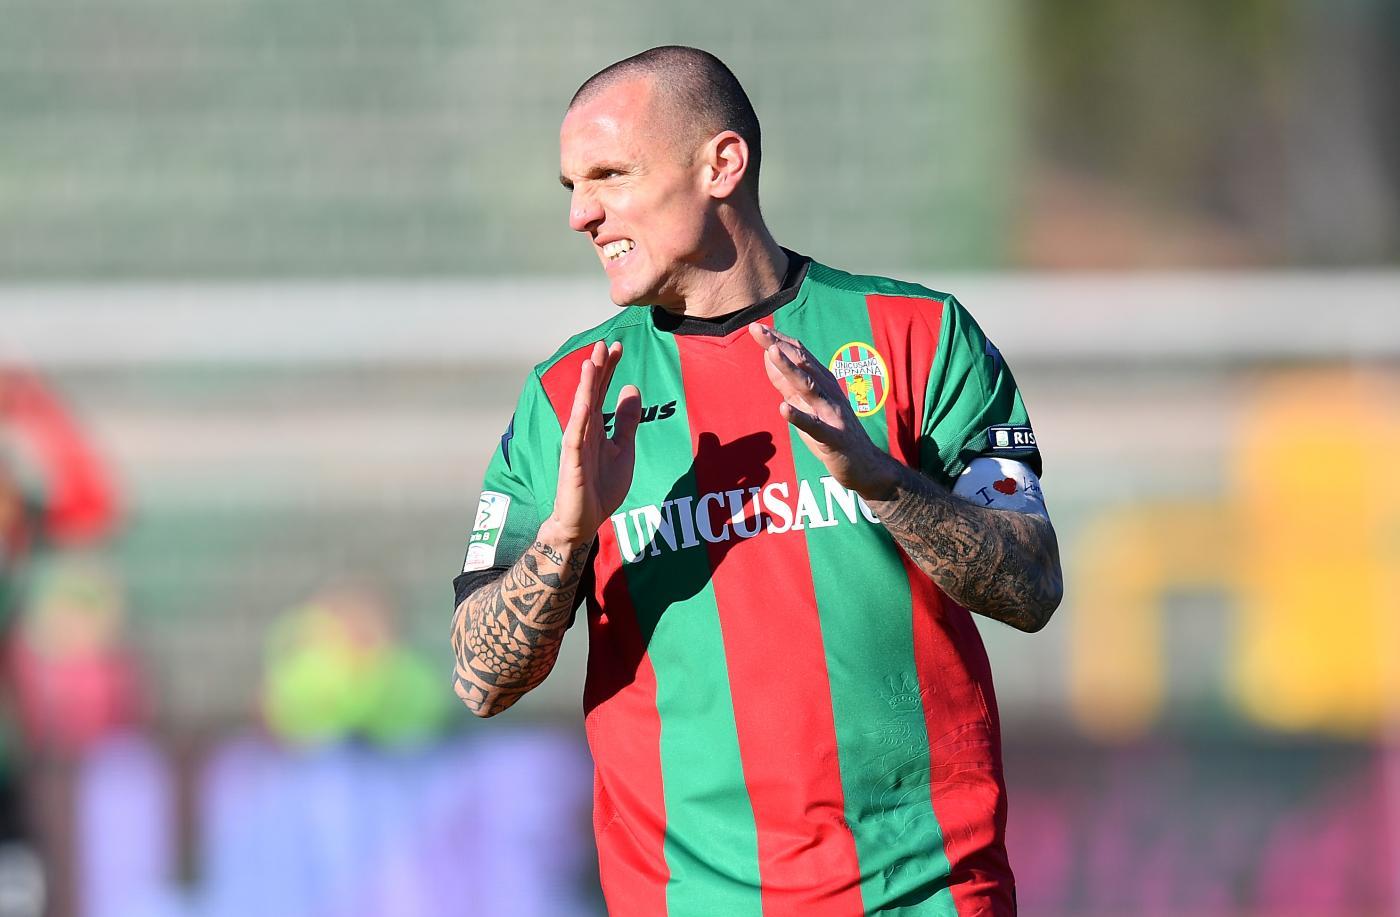 Serie C, Ternana-Renate domenica 7 ottobre: analisi e pronostico della quinta giornata della terza divisione italiana